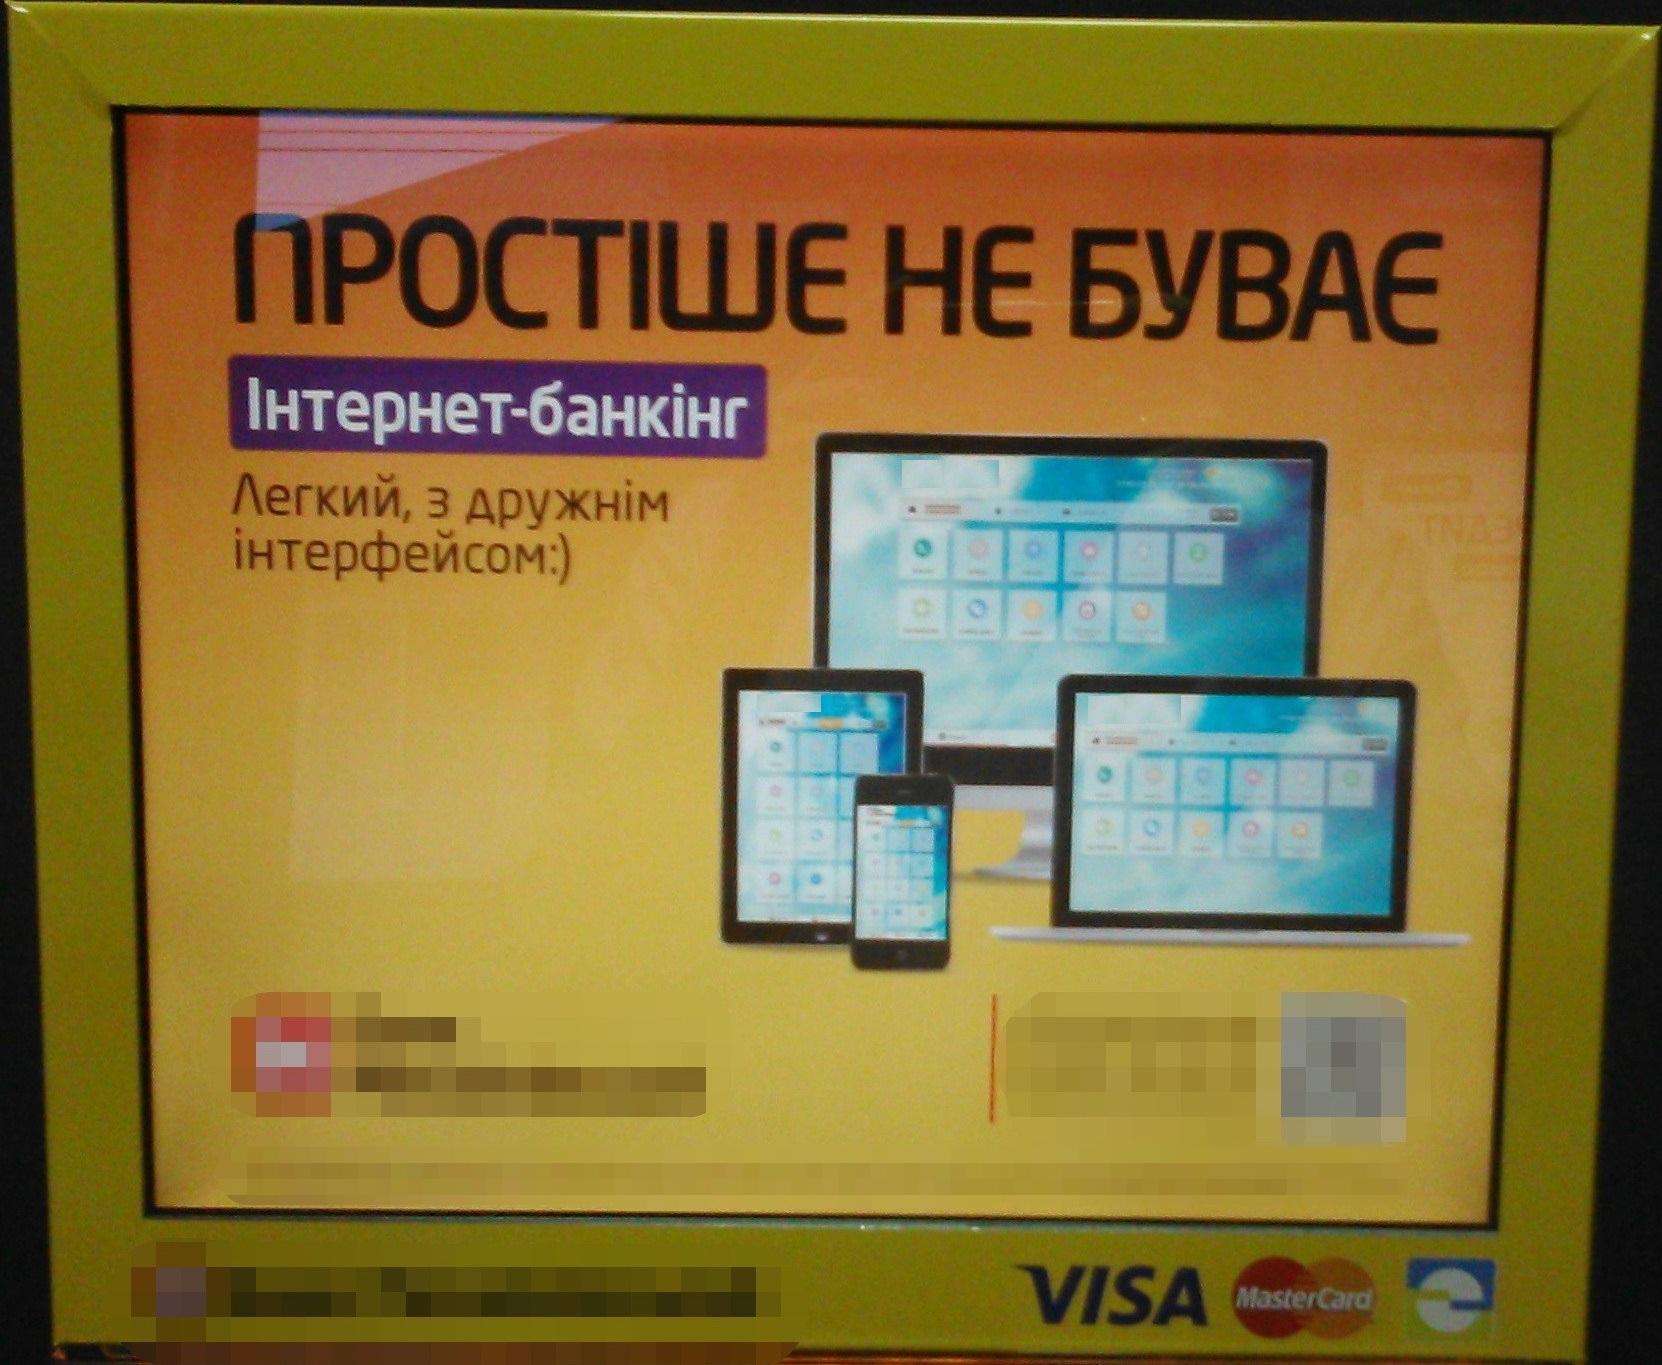 5 нажатий на экран терминала — и открывается любая папка